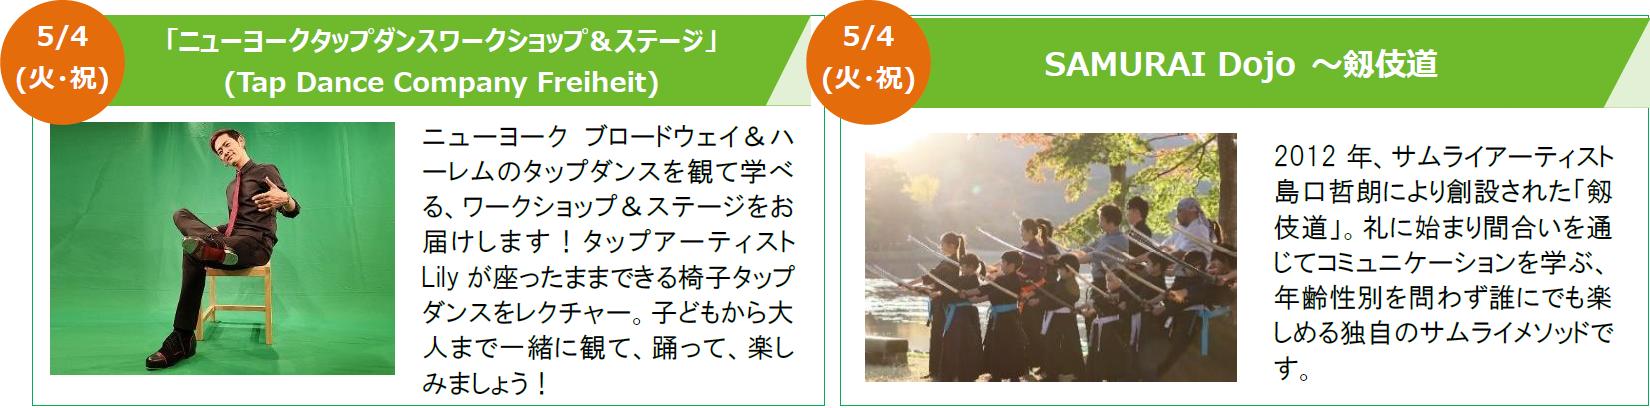 hibiya-festival-9-2